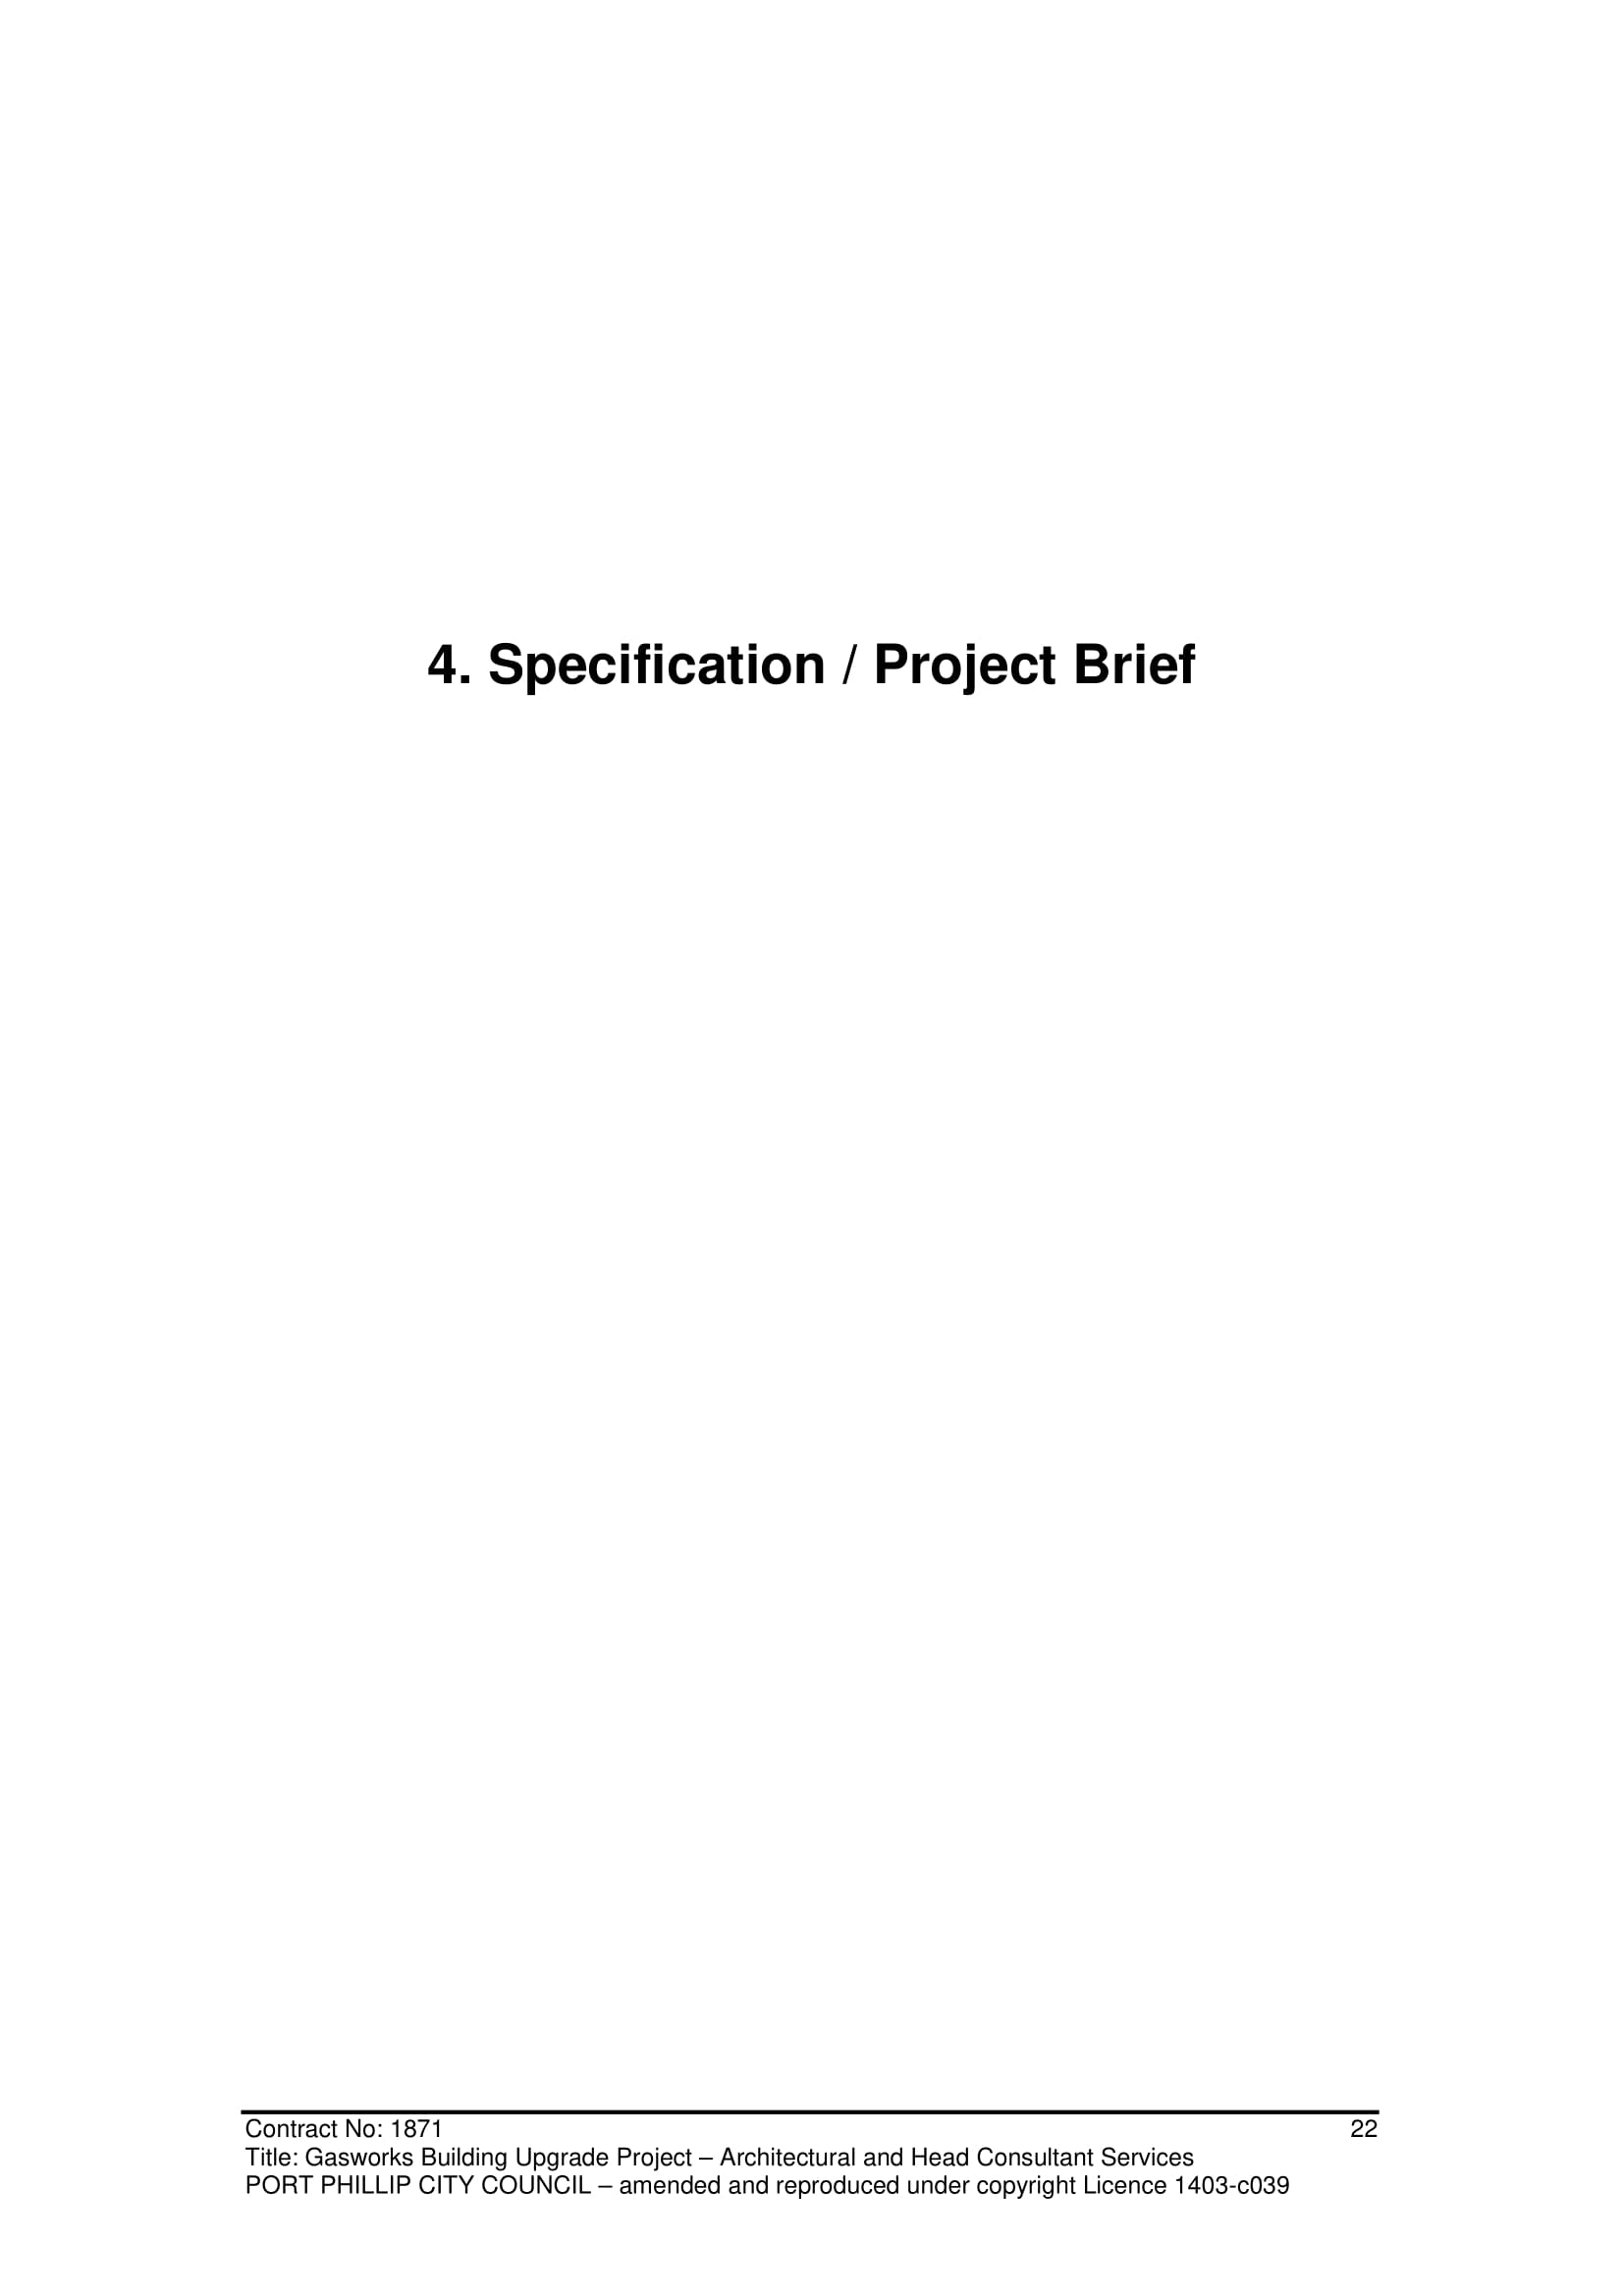 gasworks building upgrade project brief example